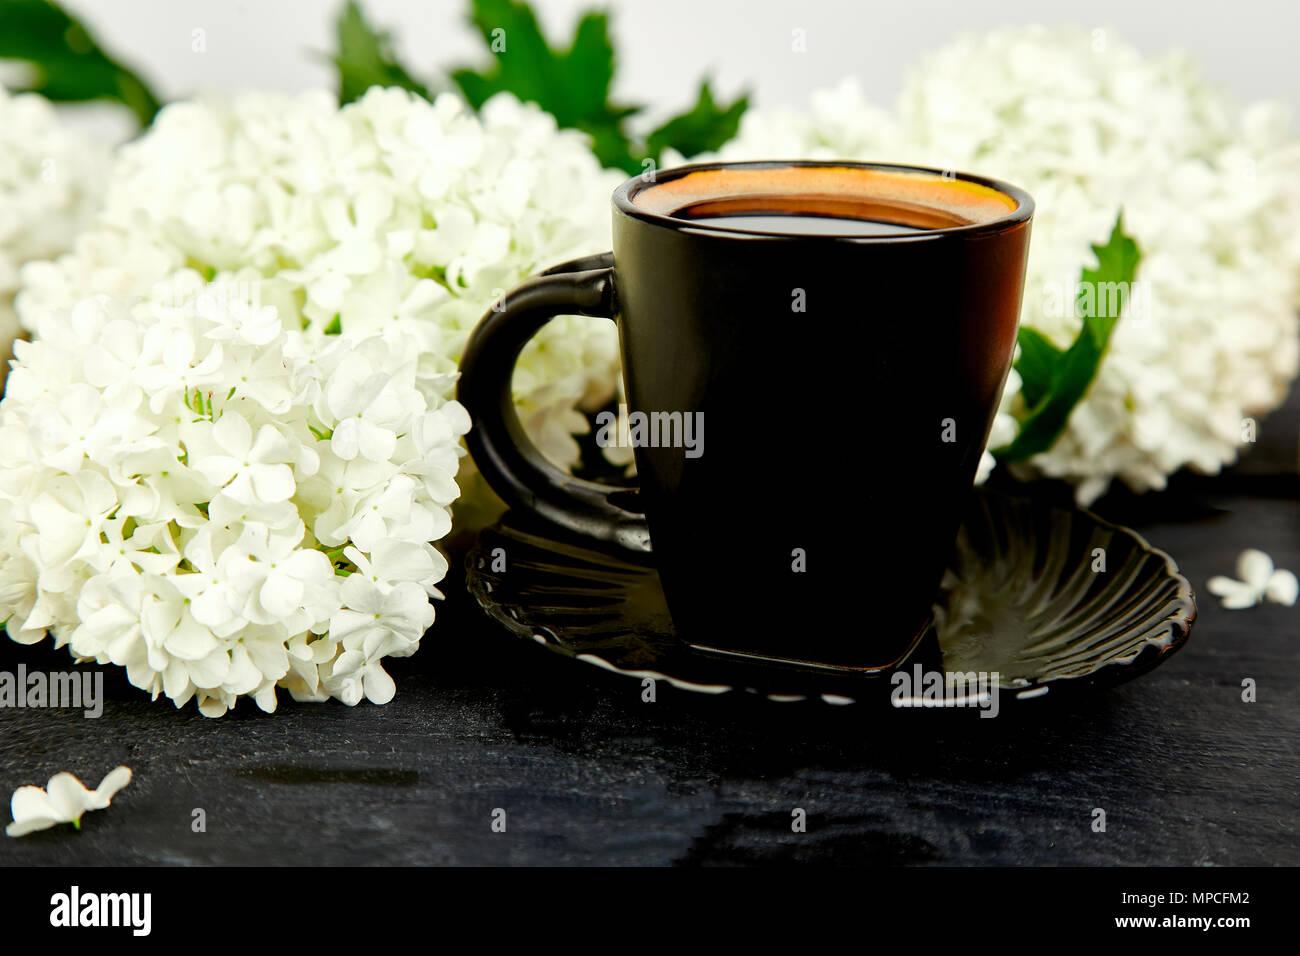 guten morgen kaffee stockfotos guten morgen kaffee. Black Bedroom Furniture Sets. Home Design Ideas